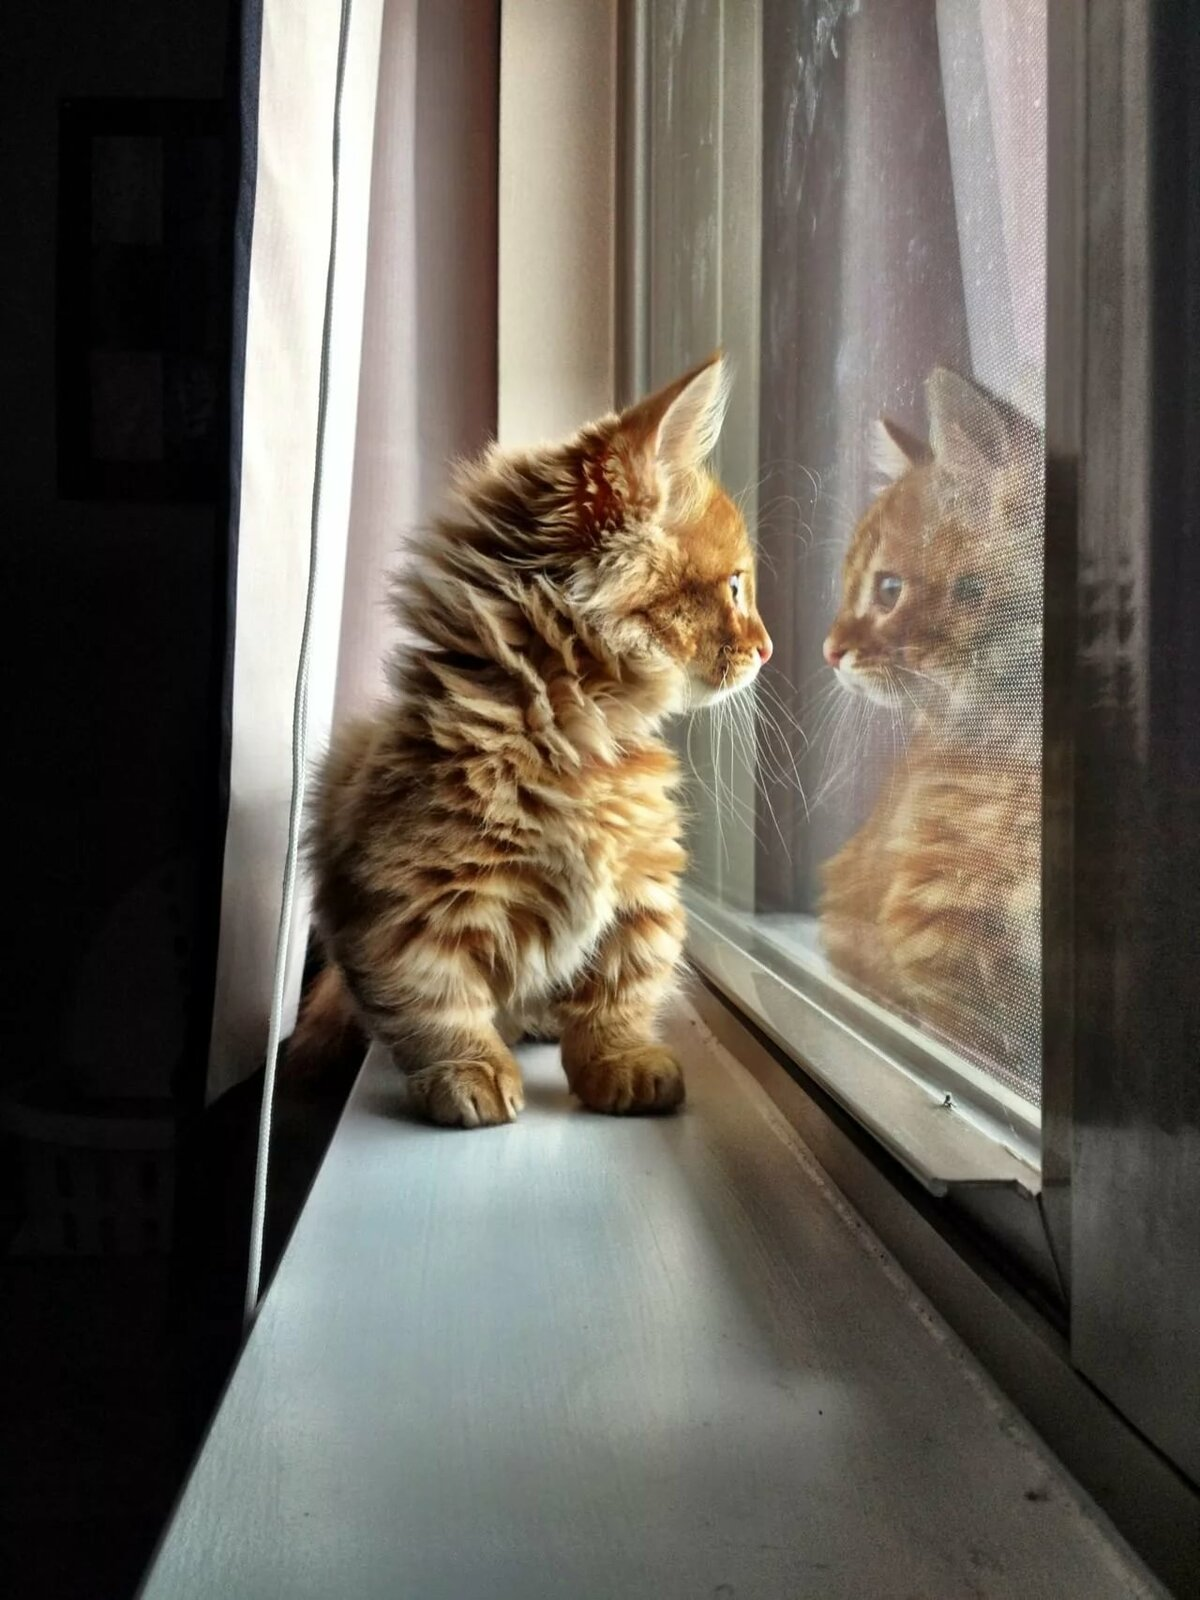 объявления продаже картинки кошка ждет хочется сделать прическу